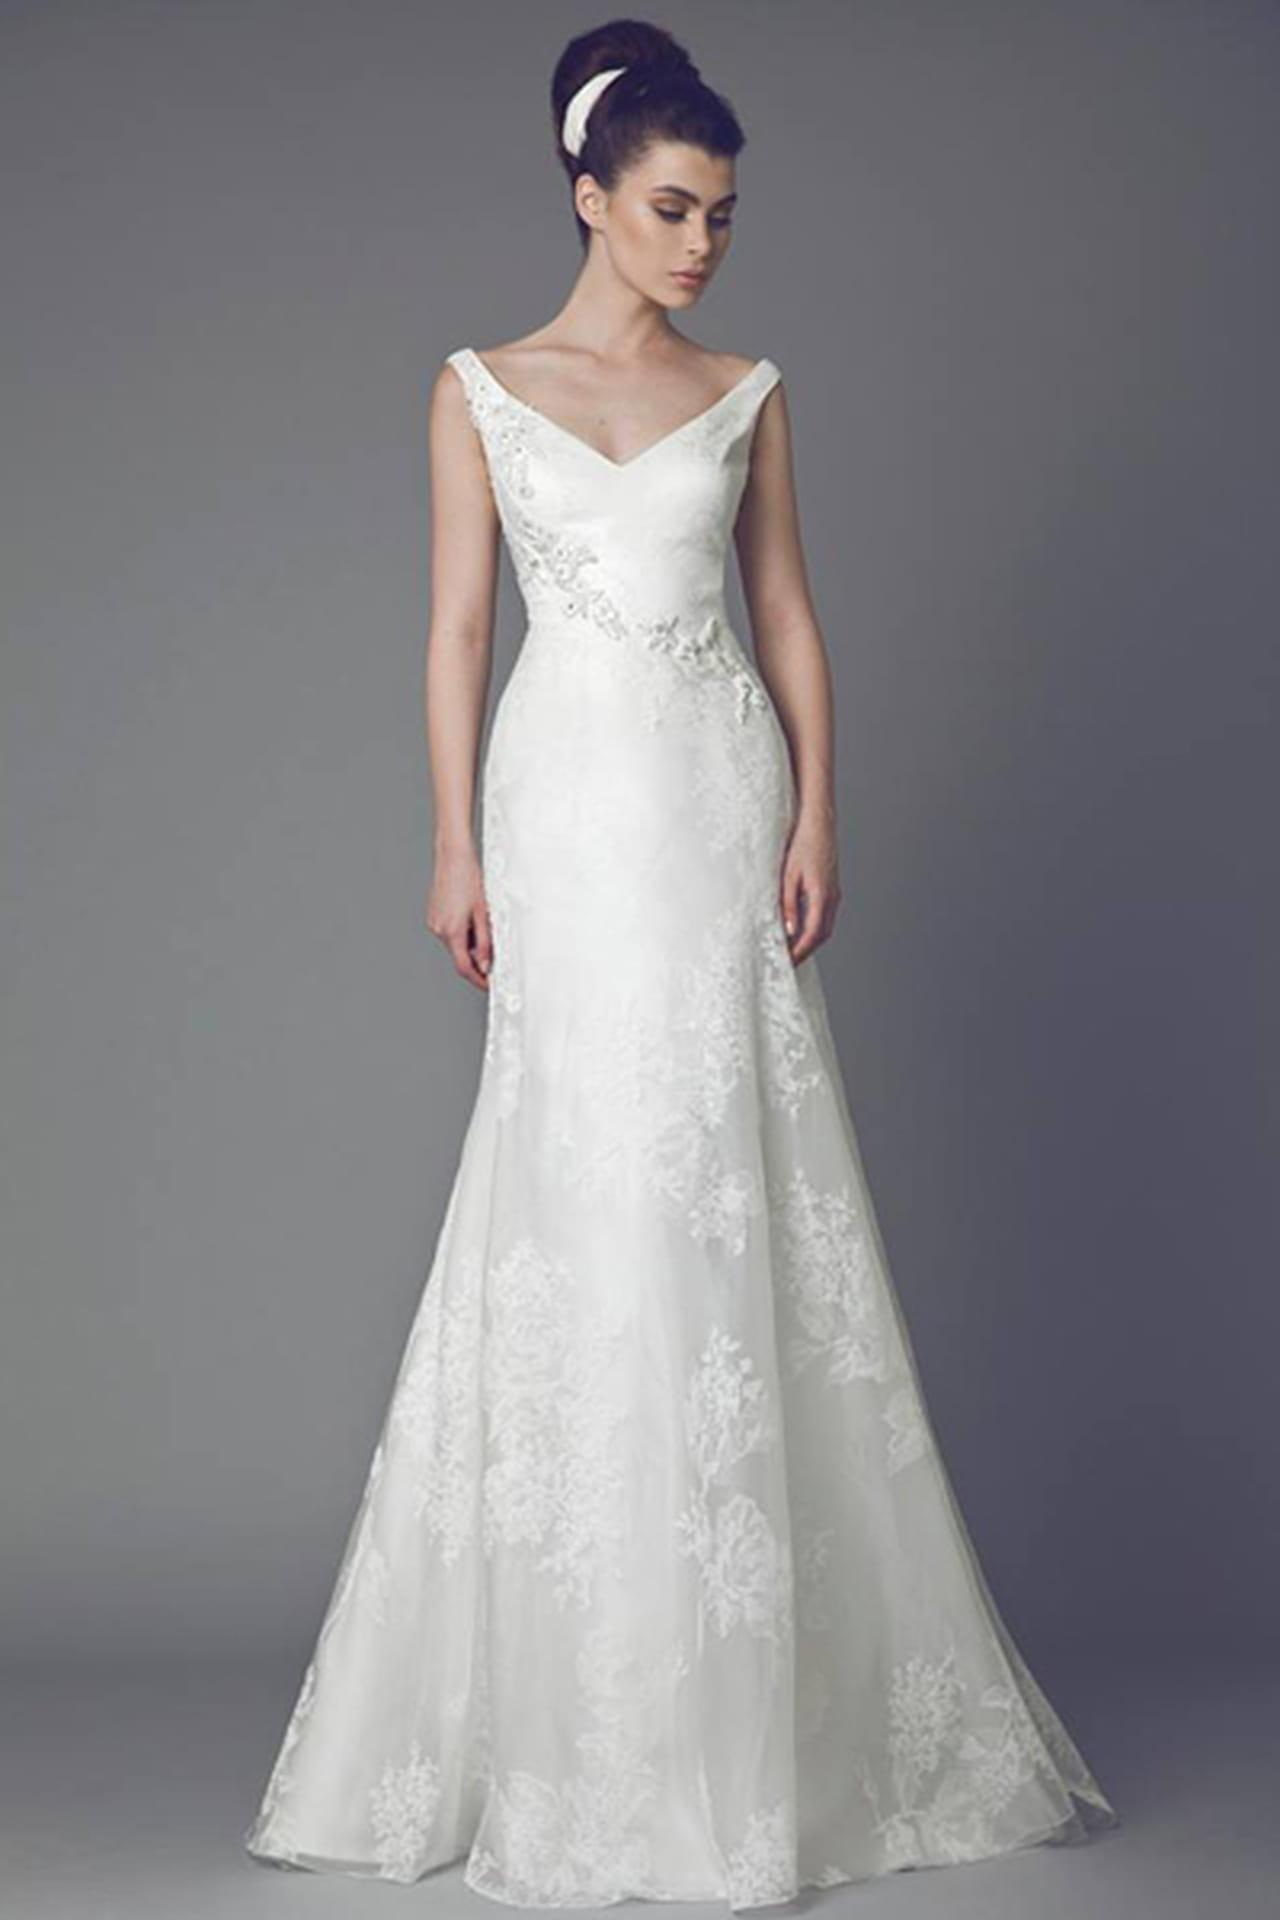 فساتين زفاف طوني ورد 824010